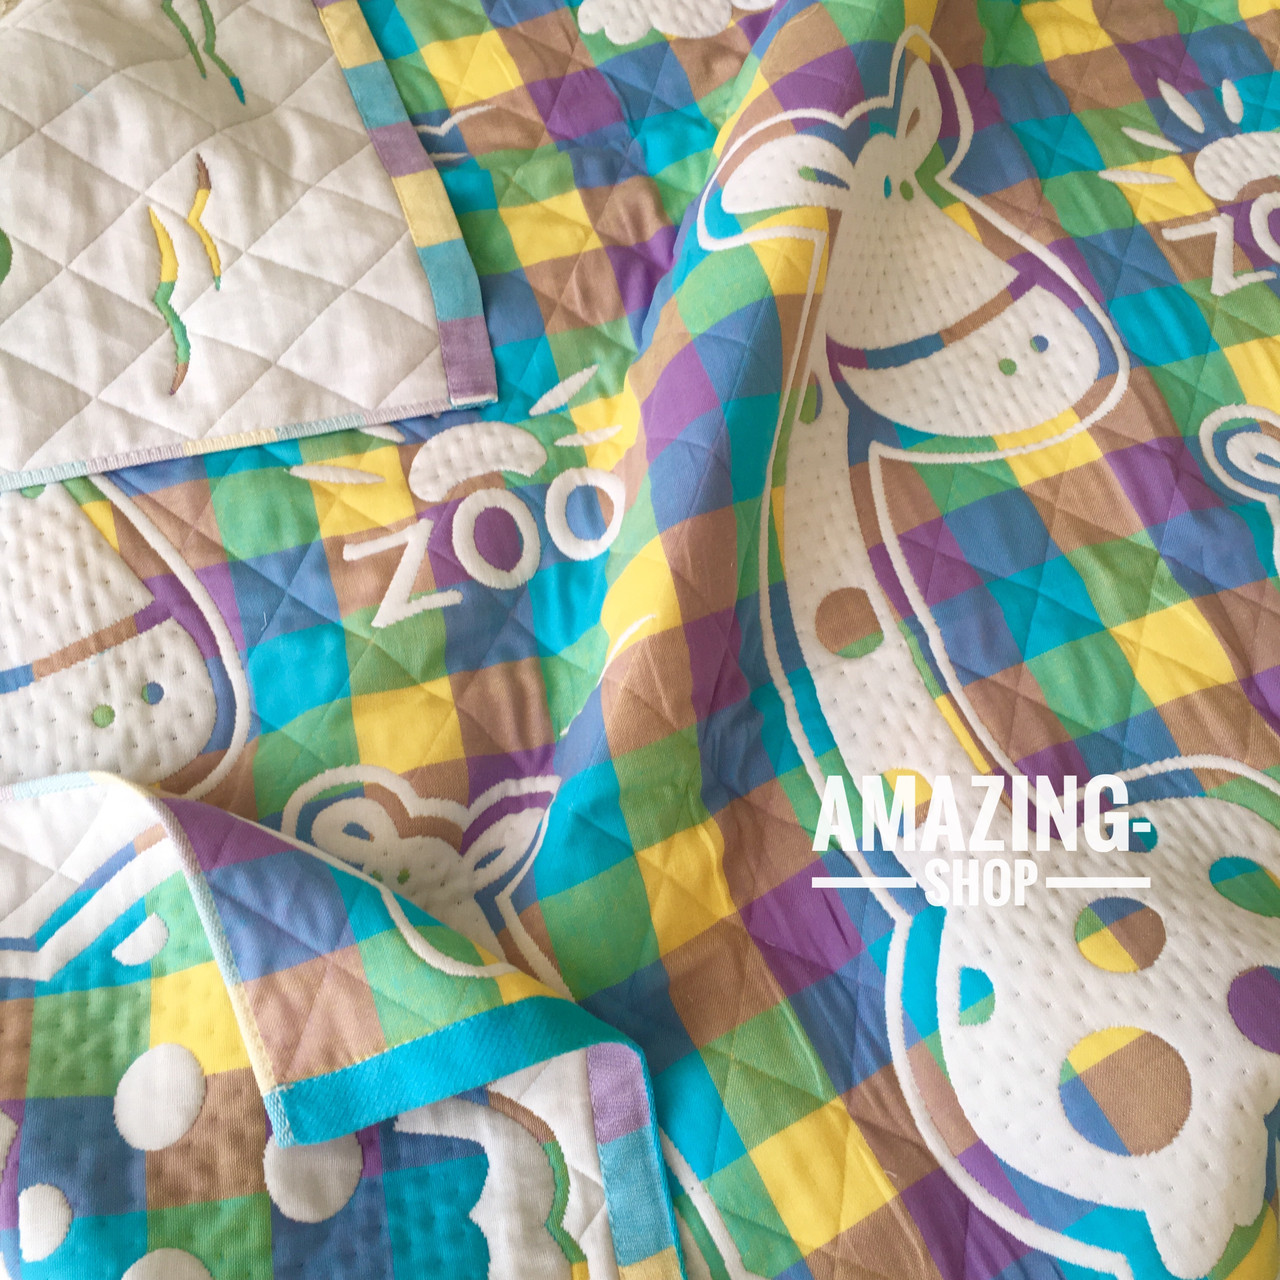 Дитяче ковдру | простирадло | плед натуральний | льон , бавовна | Дитяче літнє одіяло, простинь. Розмір 110*110см.